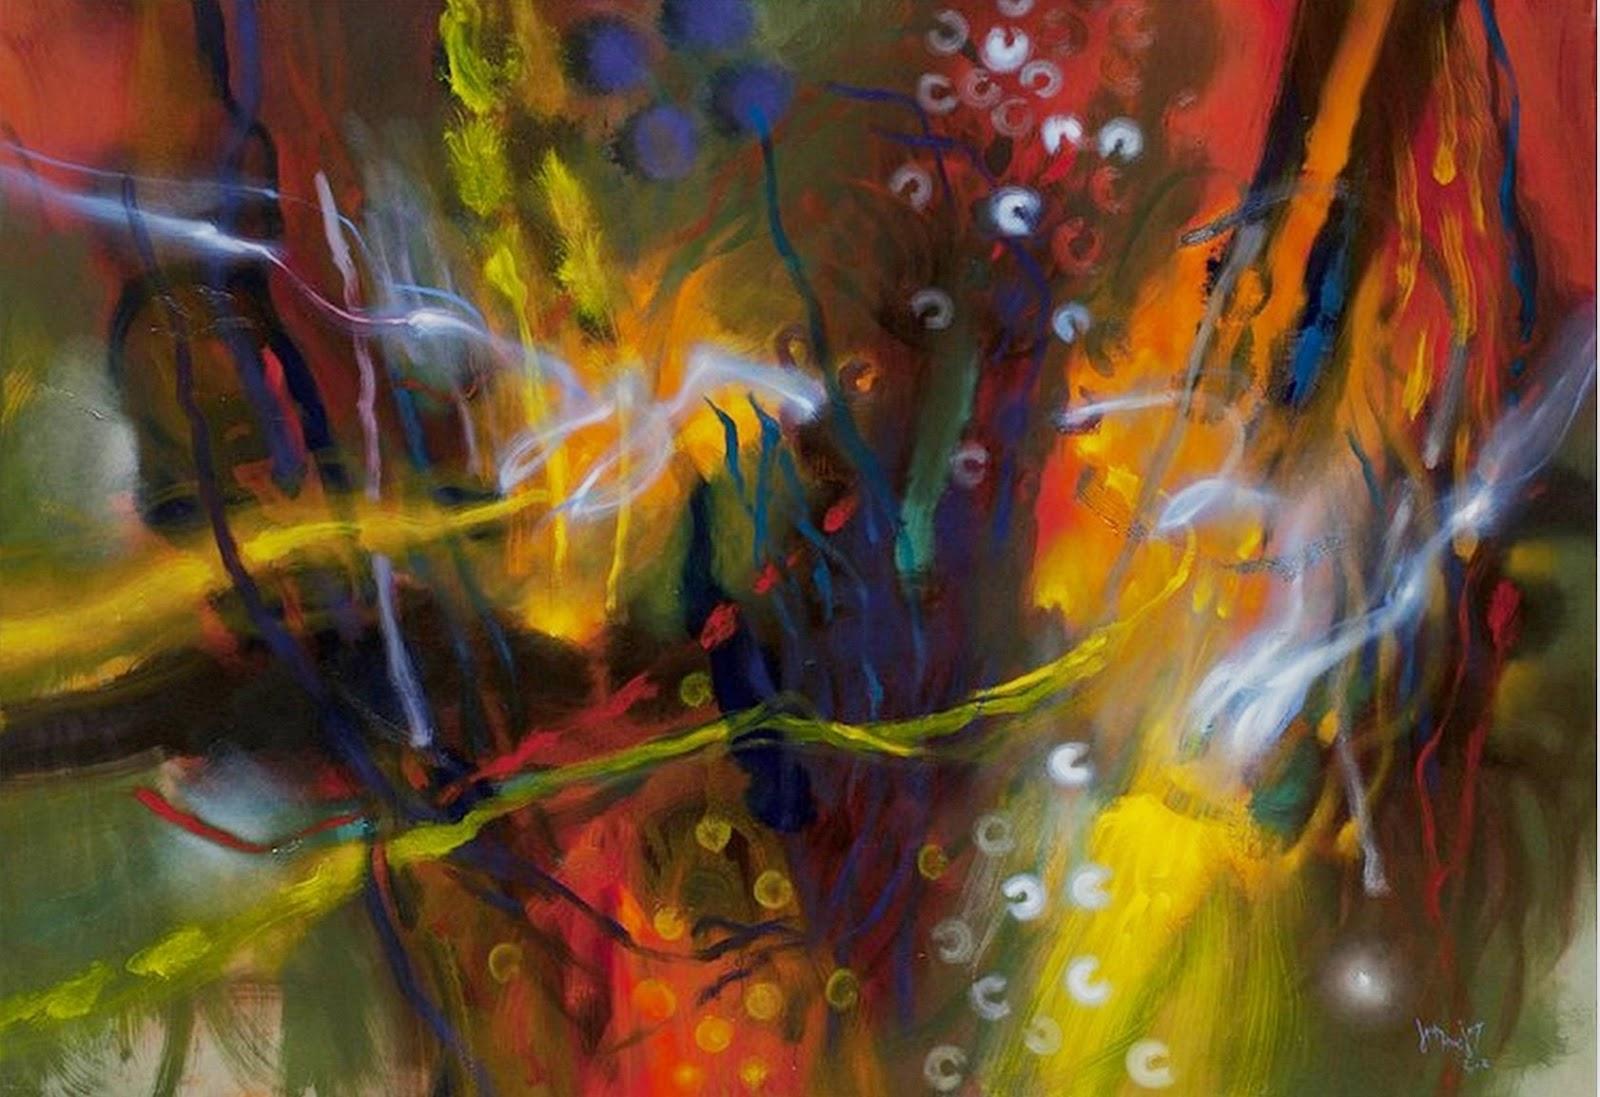 Cuadros pinturas oleos pintura leo moderna - Cuadros pintura acrilica moderna ...